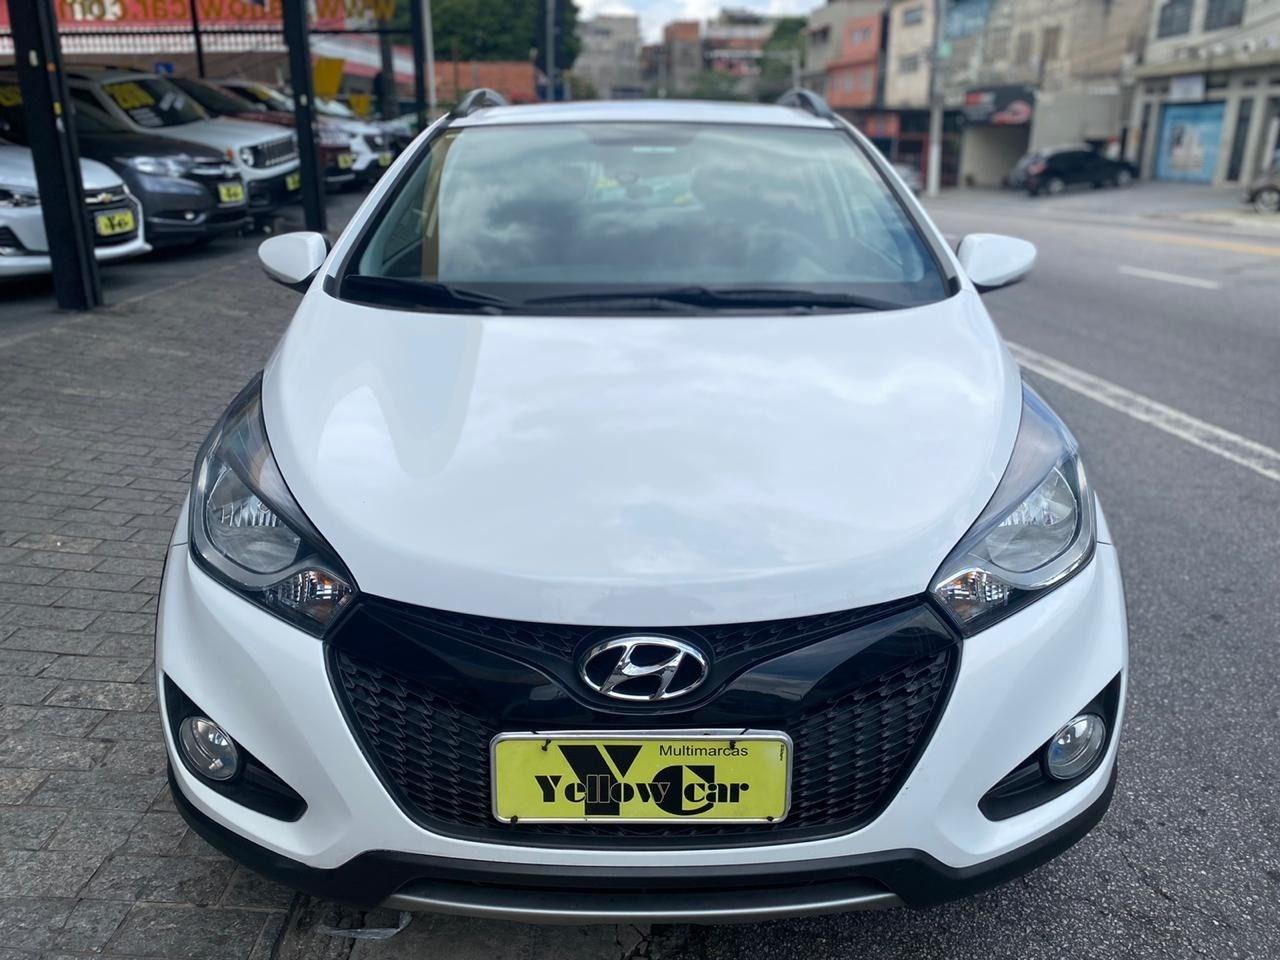 //www.autoline.com.br/carro/hyundai/hb20x-16-16v-premium-flex-4p-automatico/2015/sao-paulo-sp/13265634